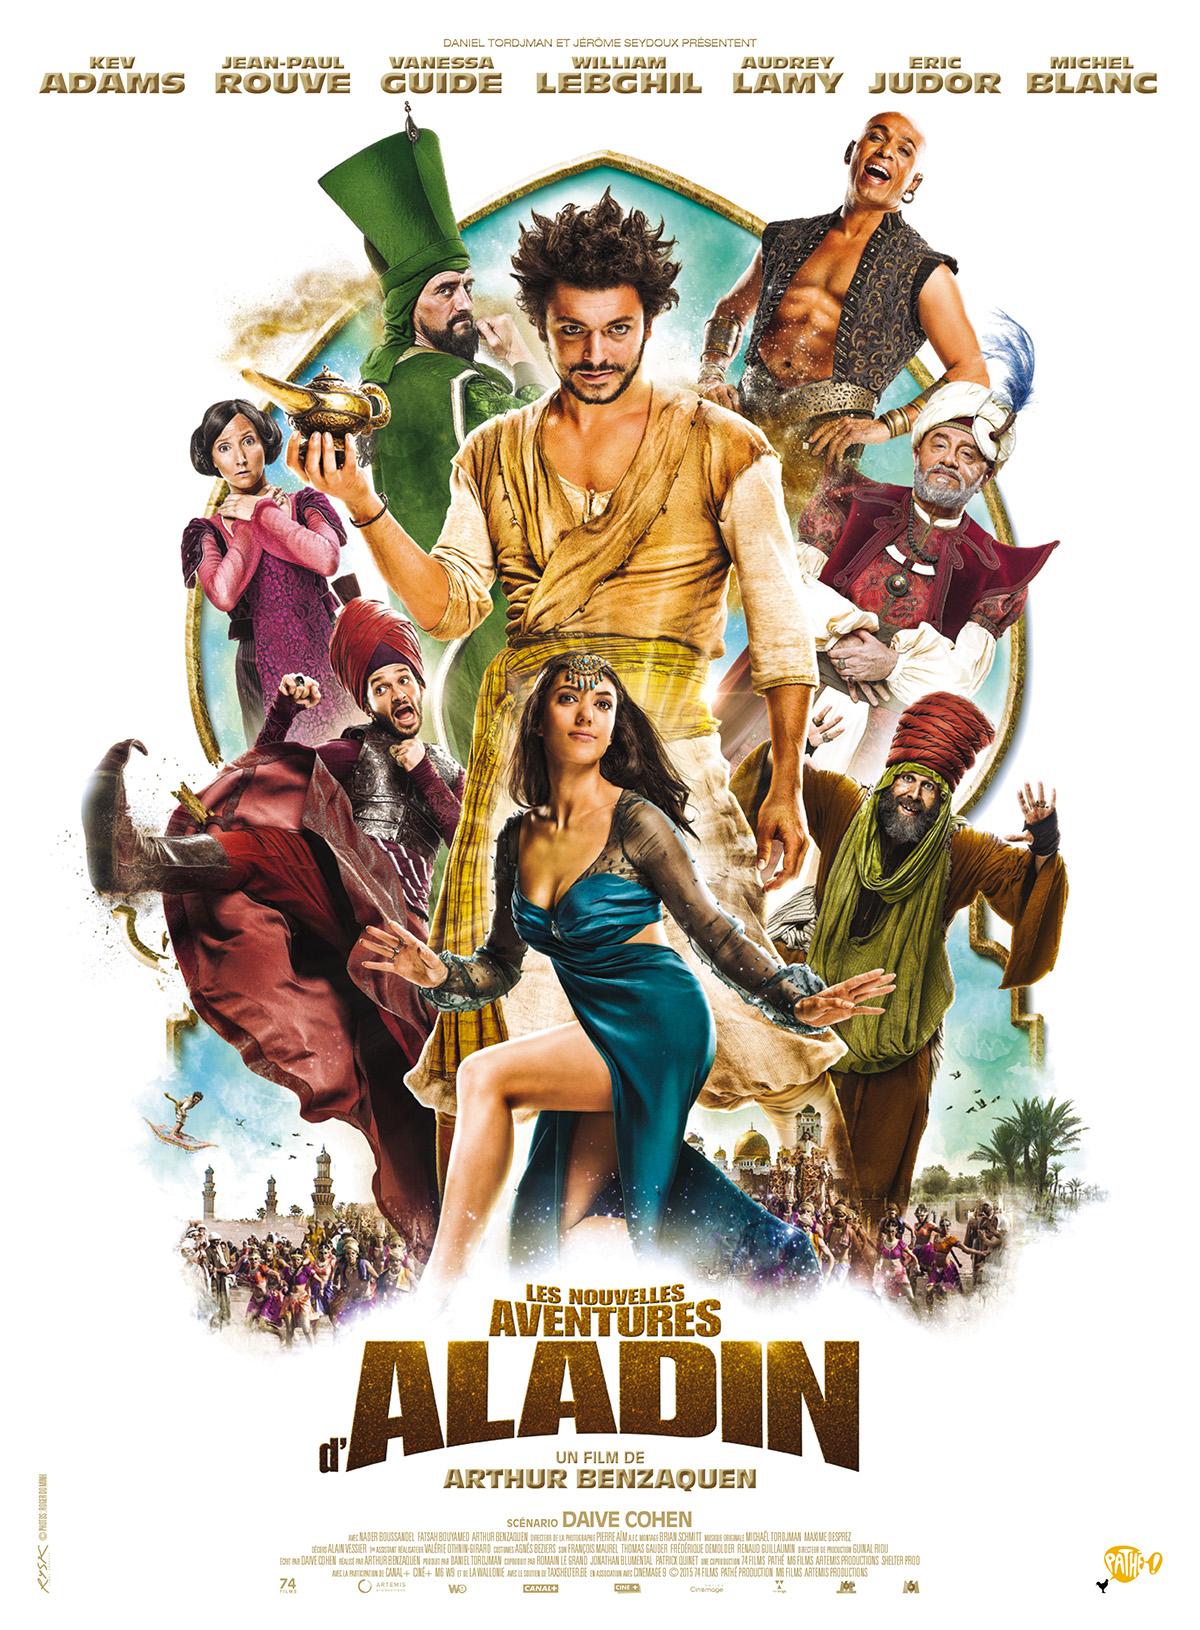 Image result for les nouvelles aventures d'aladin